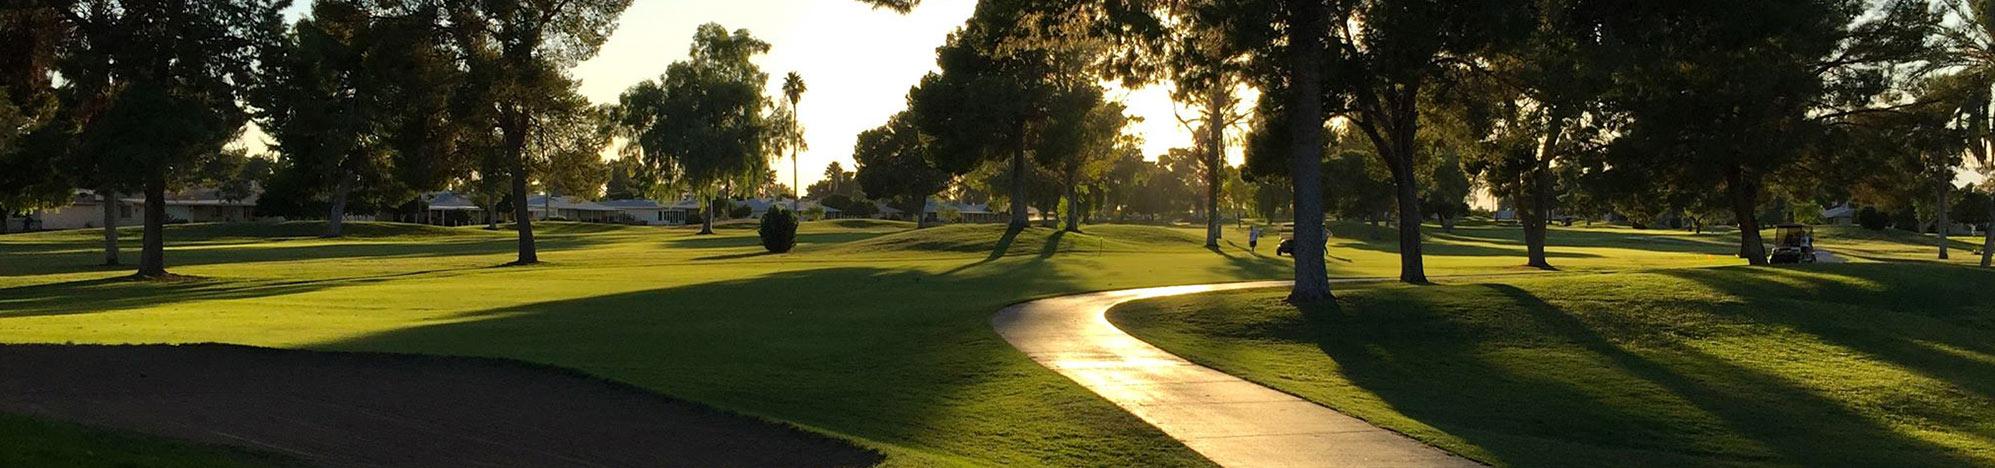 Sun City Country Club - Sun City, AZ